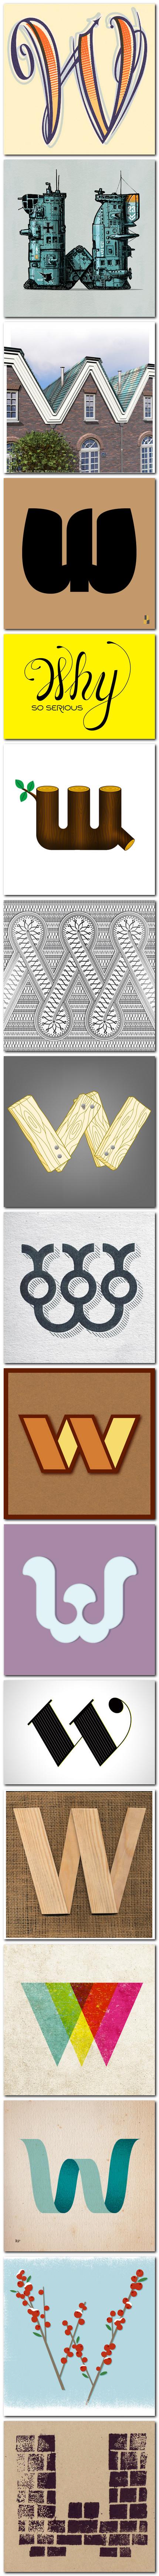 lettercult W